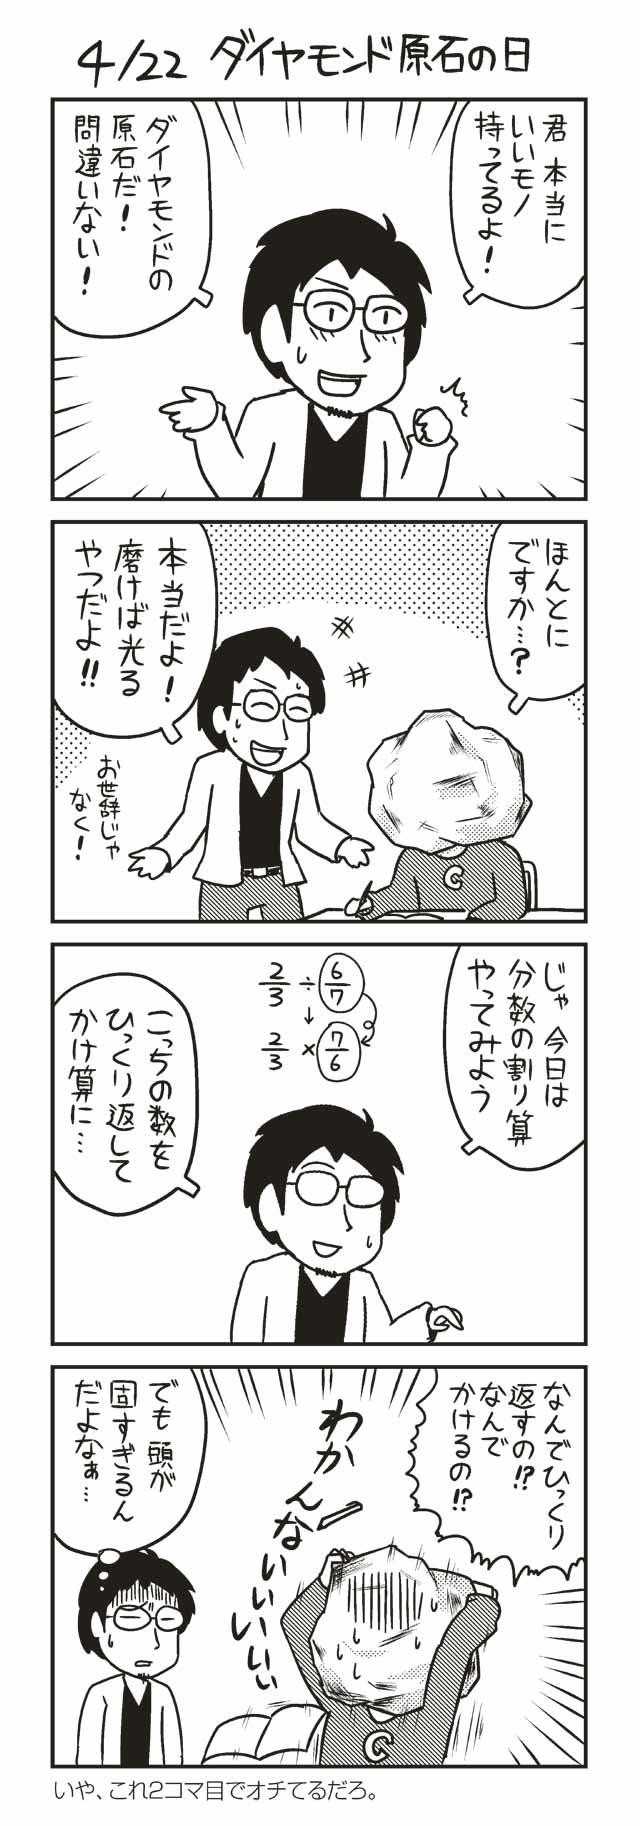 4/22 ダイヤモンド原石の日 『ノヒマンガ』 ポン